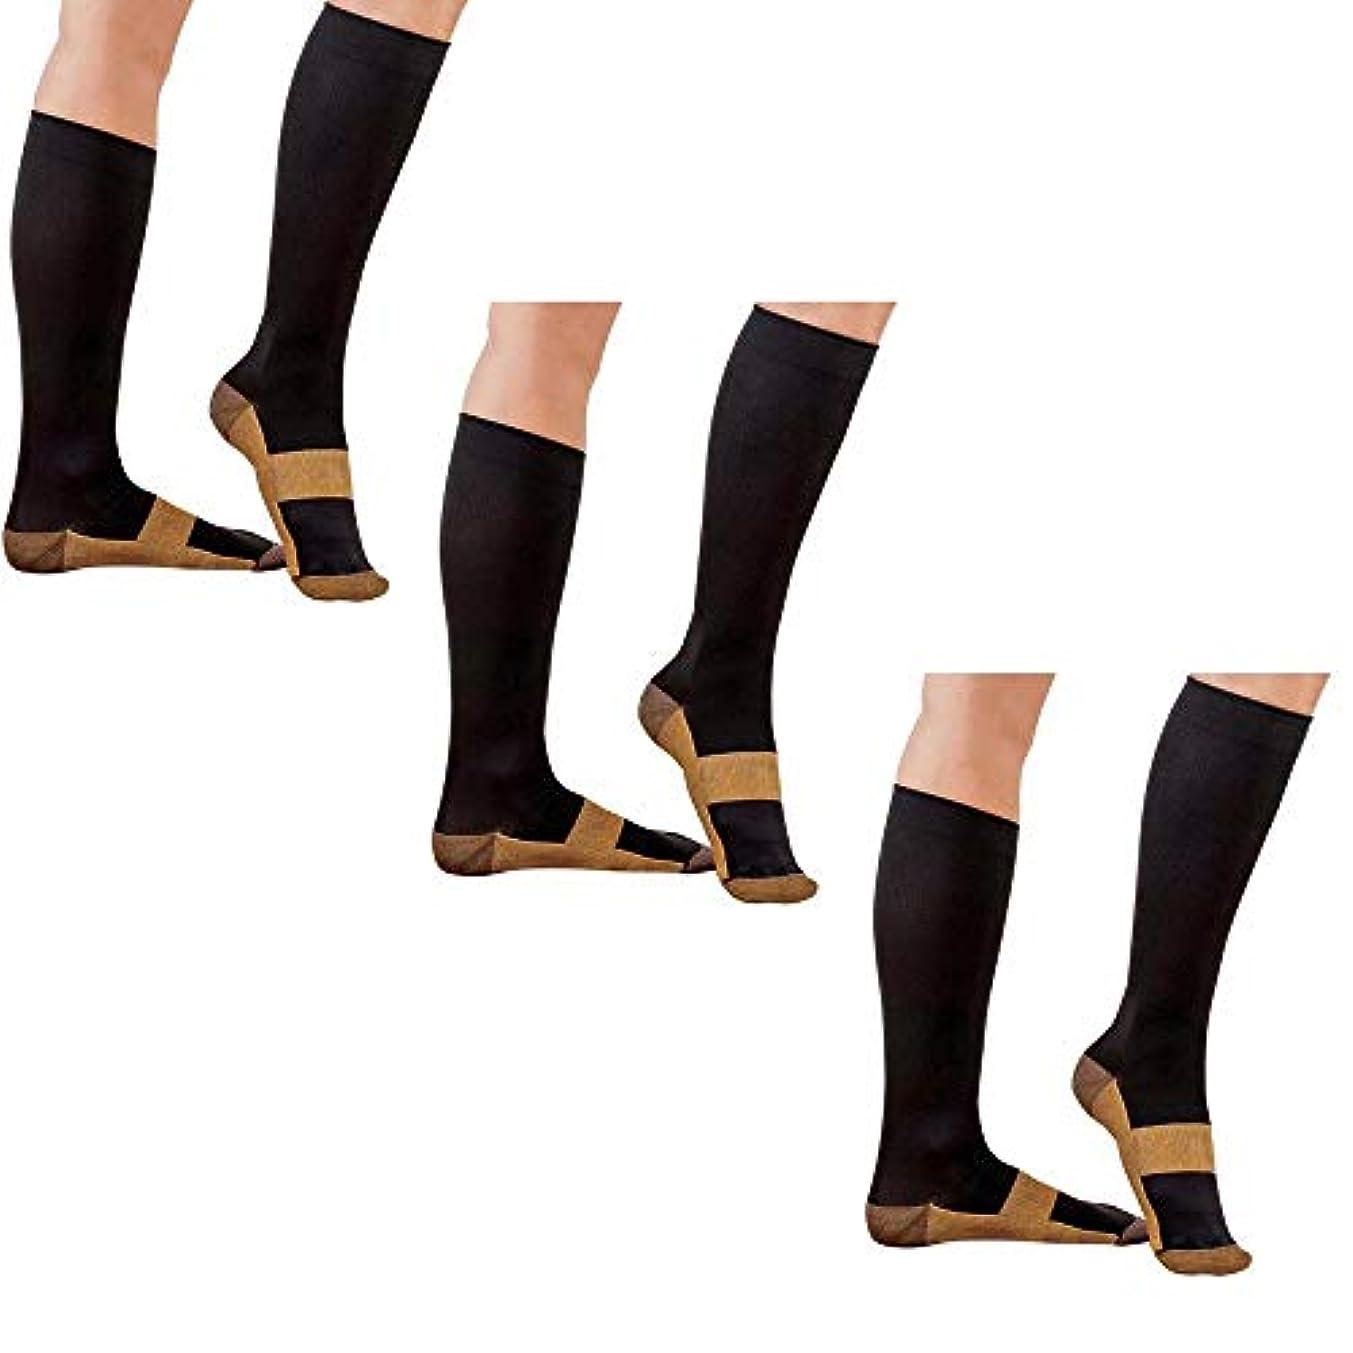 私の愚か未知の3足組 足底筋膜炎ソックス 20-30mmHg 着圧ソックス 加圧ソックス スポーツソックス ふくらはぎ 静脈瘤 リンパケア ひざ下 血行改善 むくみケア用靴下 ハイソックス むくみ 解消 足 メンズ レディース(S/M)